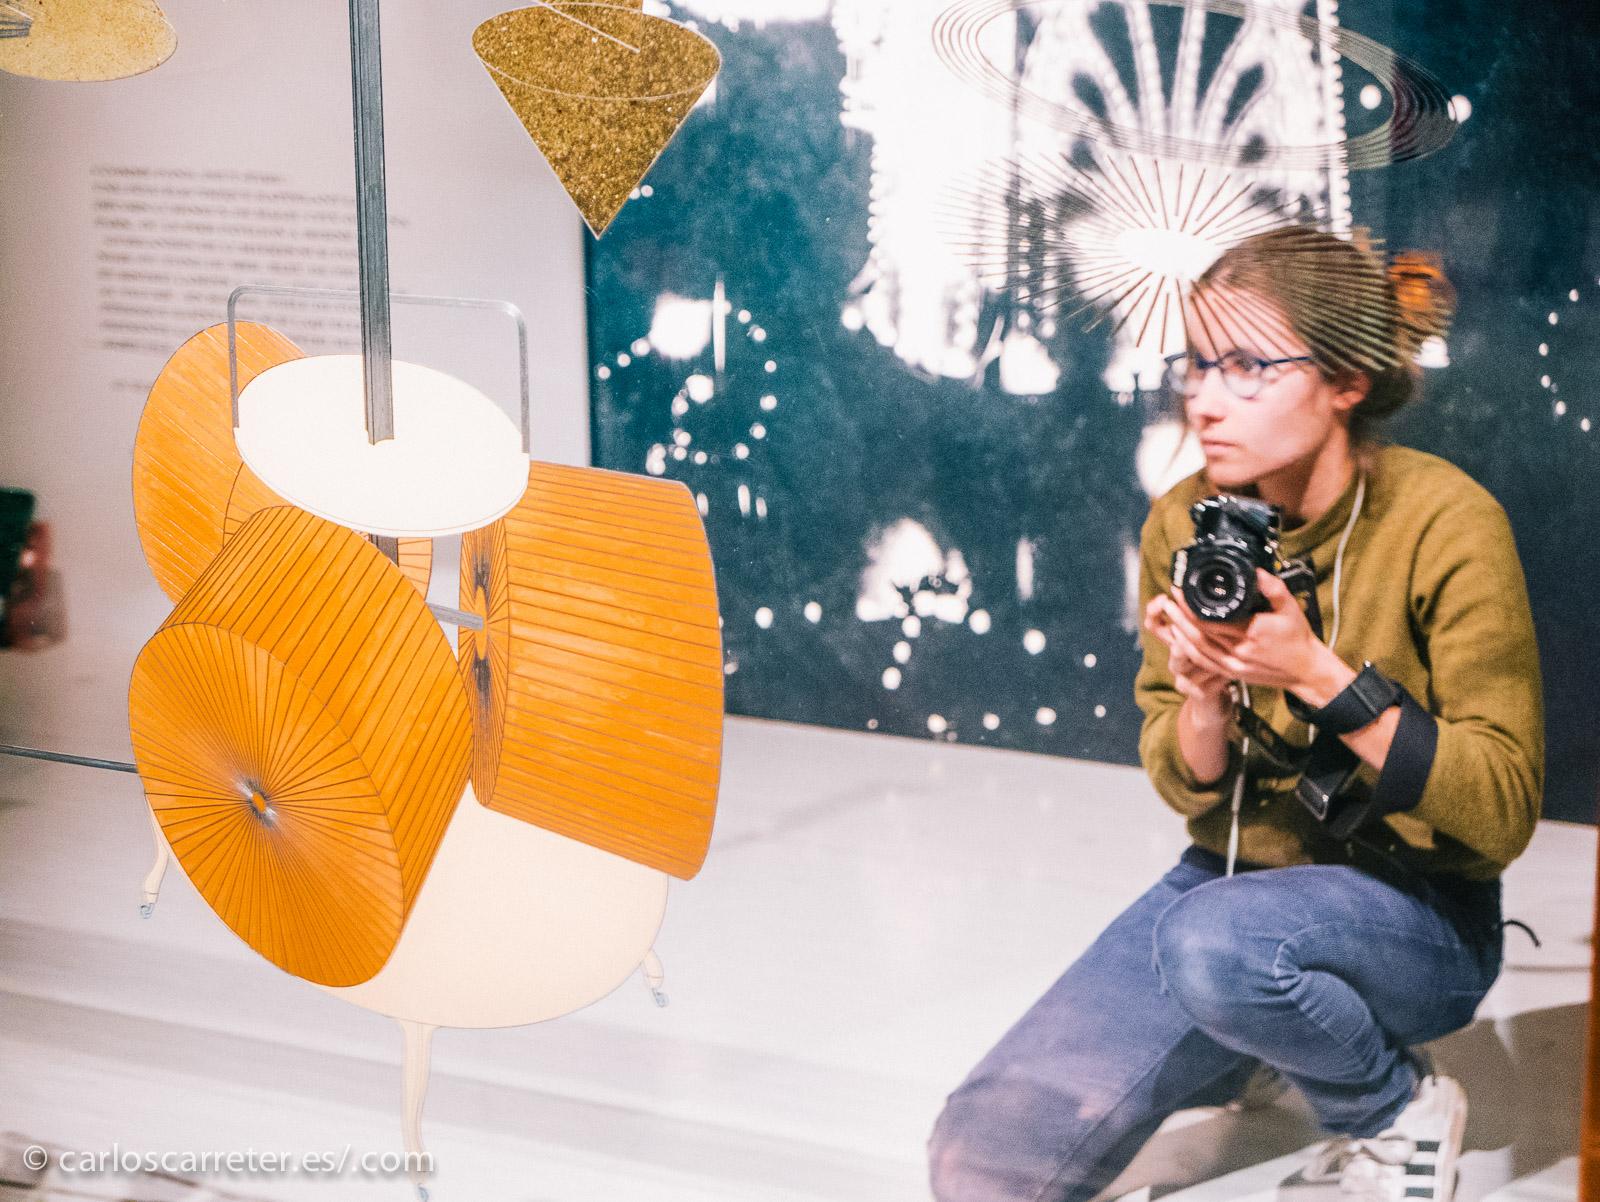 """Esta encantadora joven no la encontré en la exposición de Koons, sino en la de Marcel Duchamp; pero estuve observando un rato cómo se desenvolvía """"armada"""" de una veterana cámara réflex para película tradicional, buscando con cuidado el mejor punto de vista ante de dispara y gastar un precioso negativo de la película."""